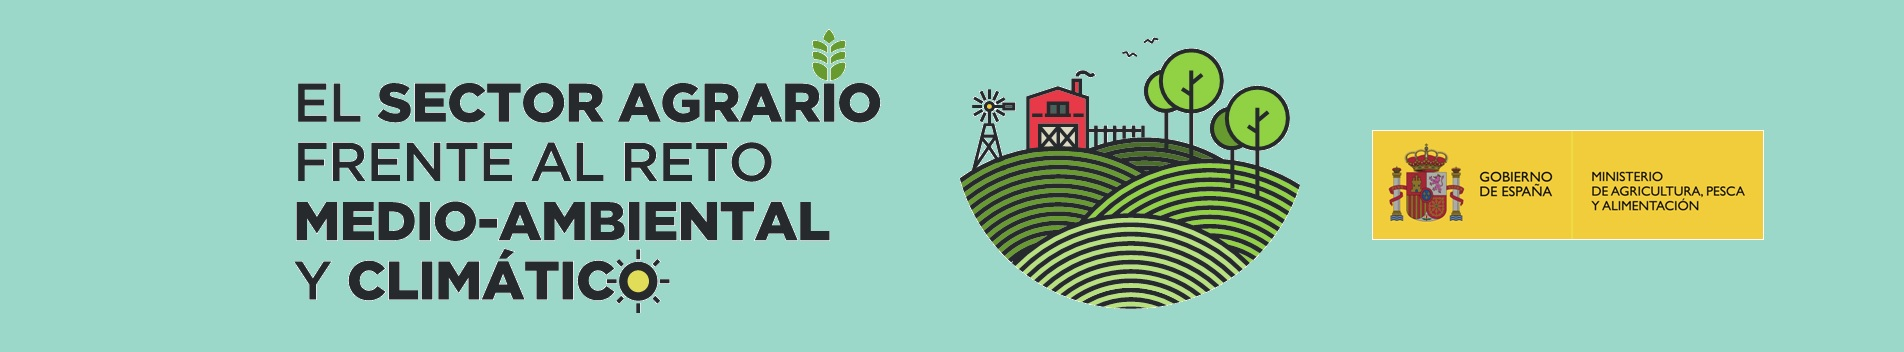 """Jornada """"El Sector Agrario frente al Reto Medioambiental y Climático"""""""